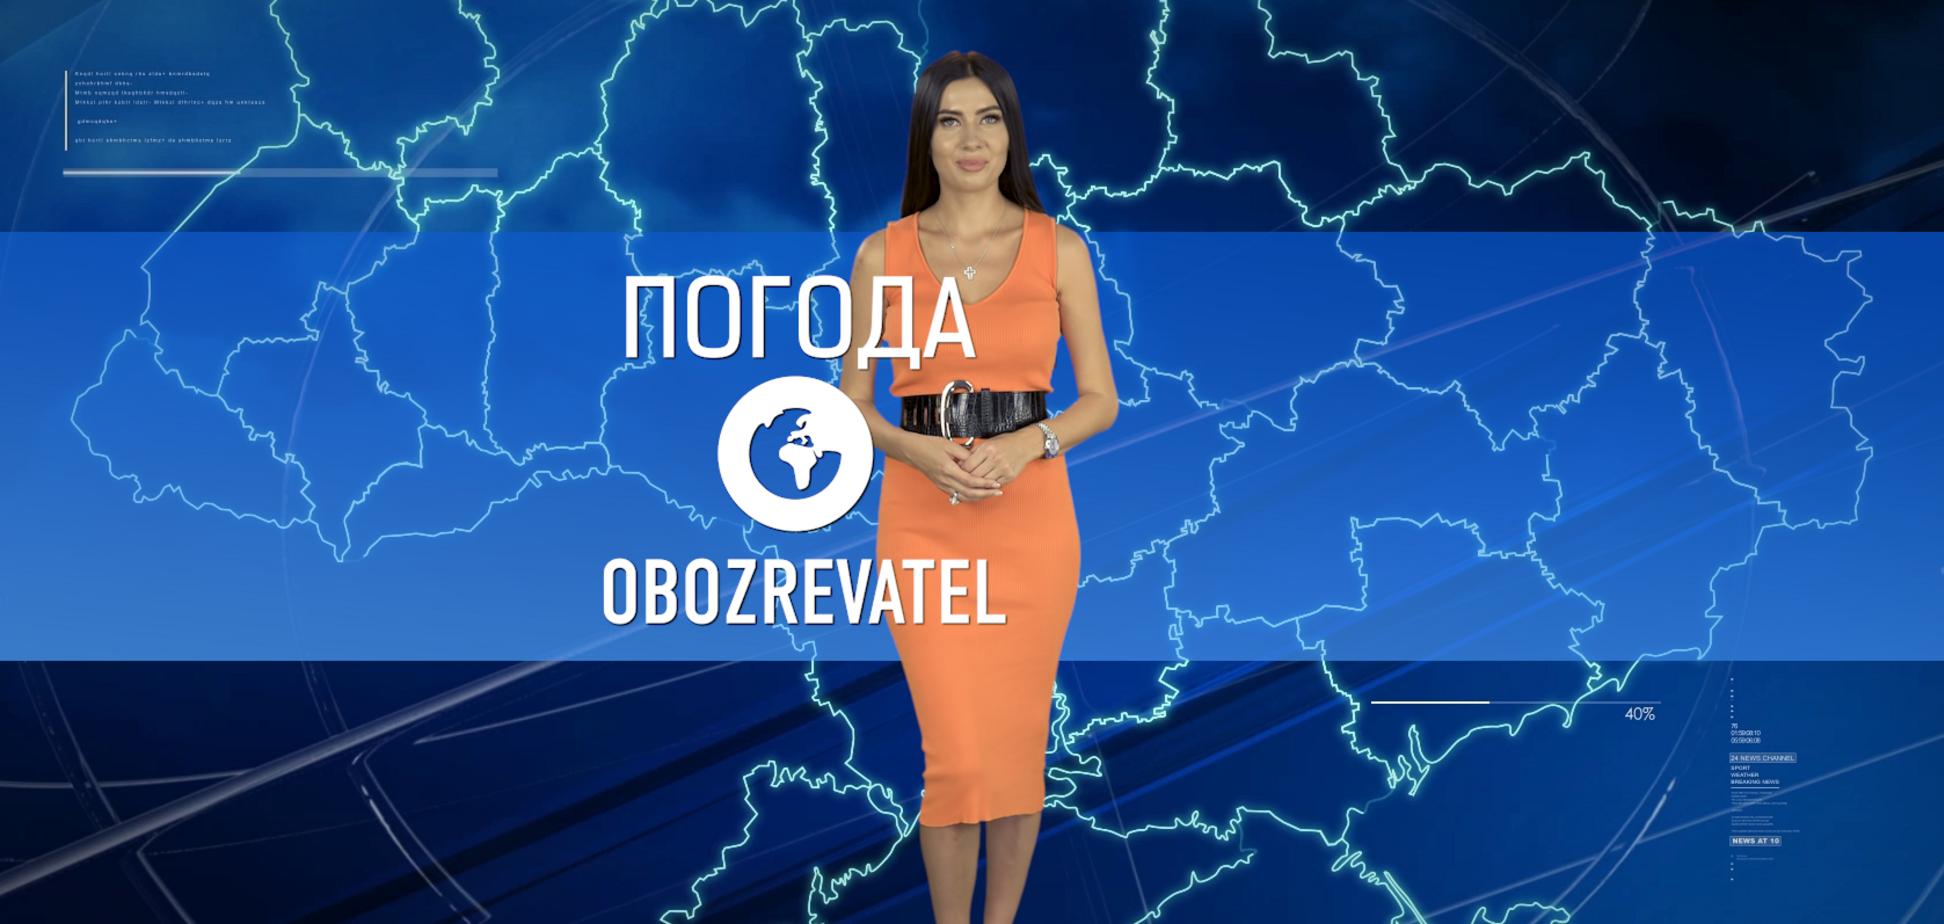 Хмарно та дощ – прогноз погоди в Україні на понеділок, 20 вересня, з Алісою Мярковською